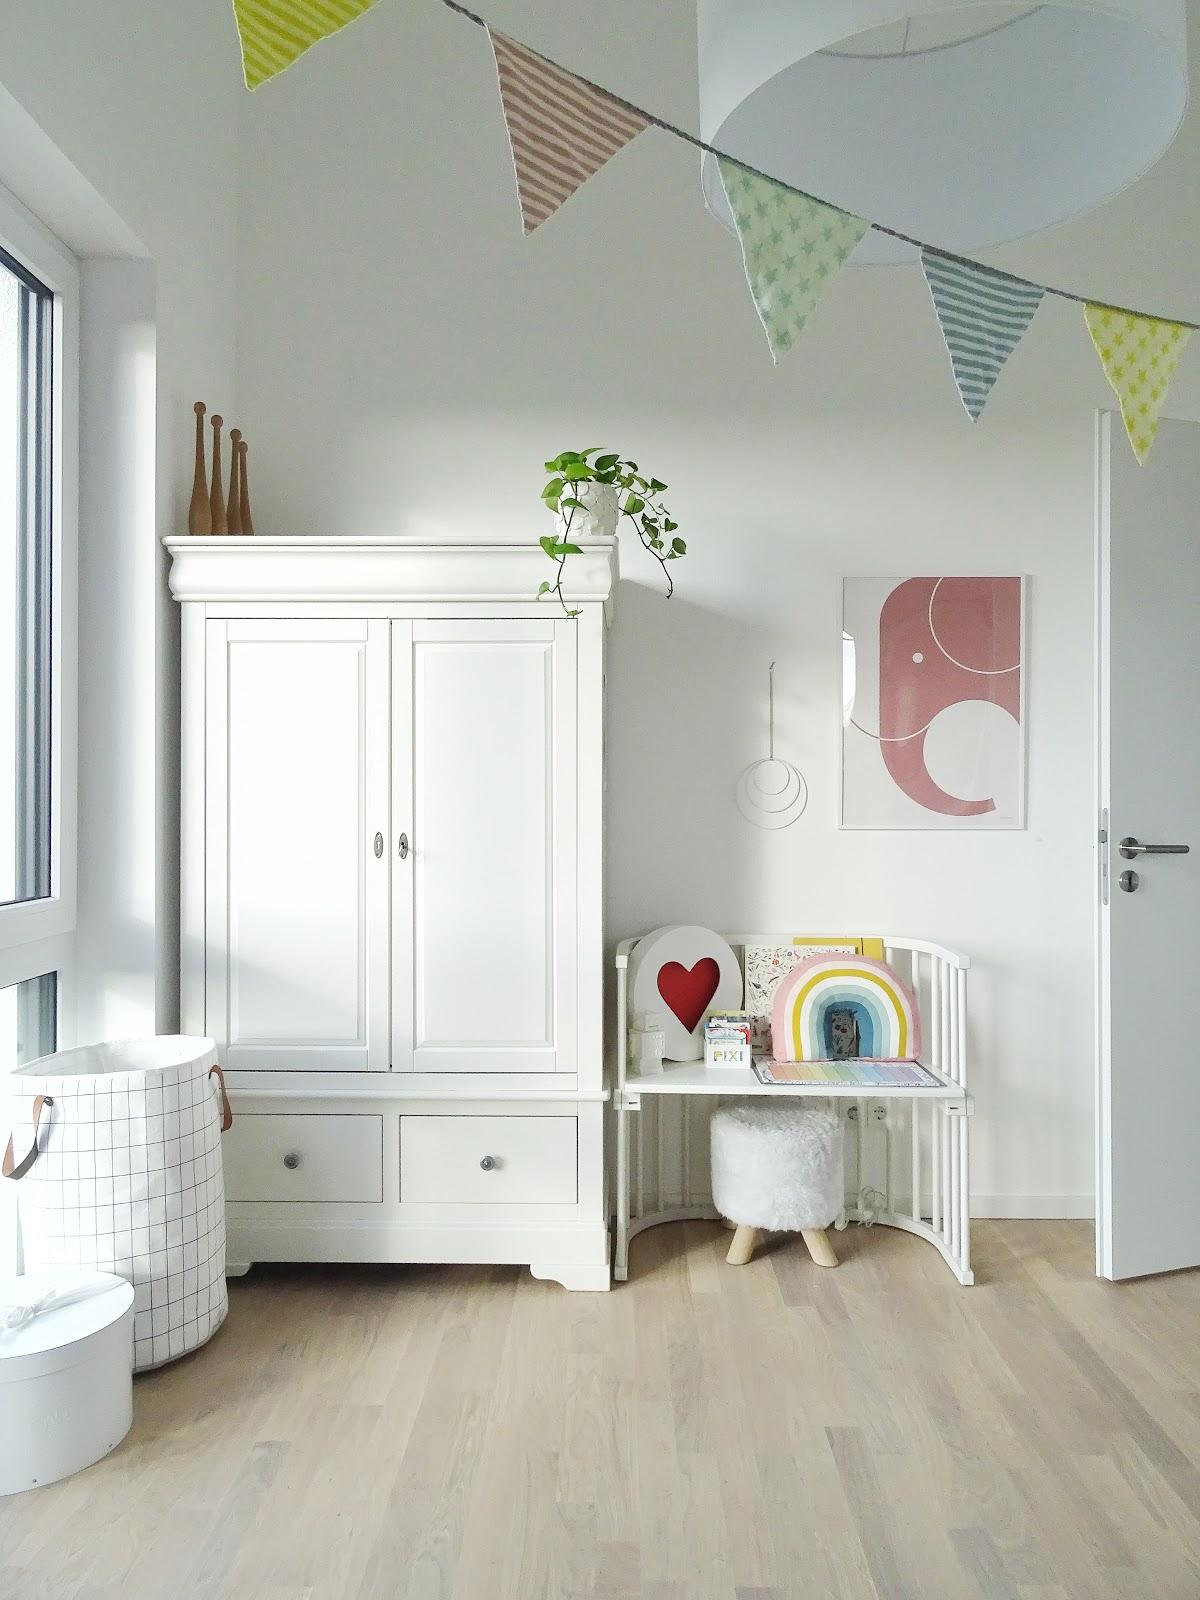 Kinderzimmergestaltung und Deko-Ideen | Fotoaktion #12von12 und 1 Tag in 12 Bildern | https://mammilade.blogspot.de